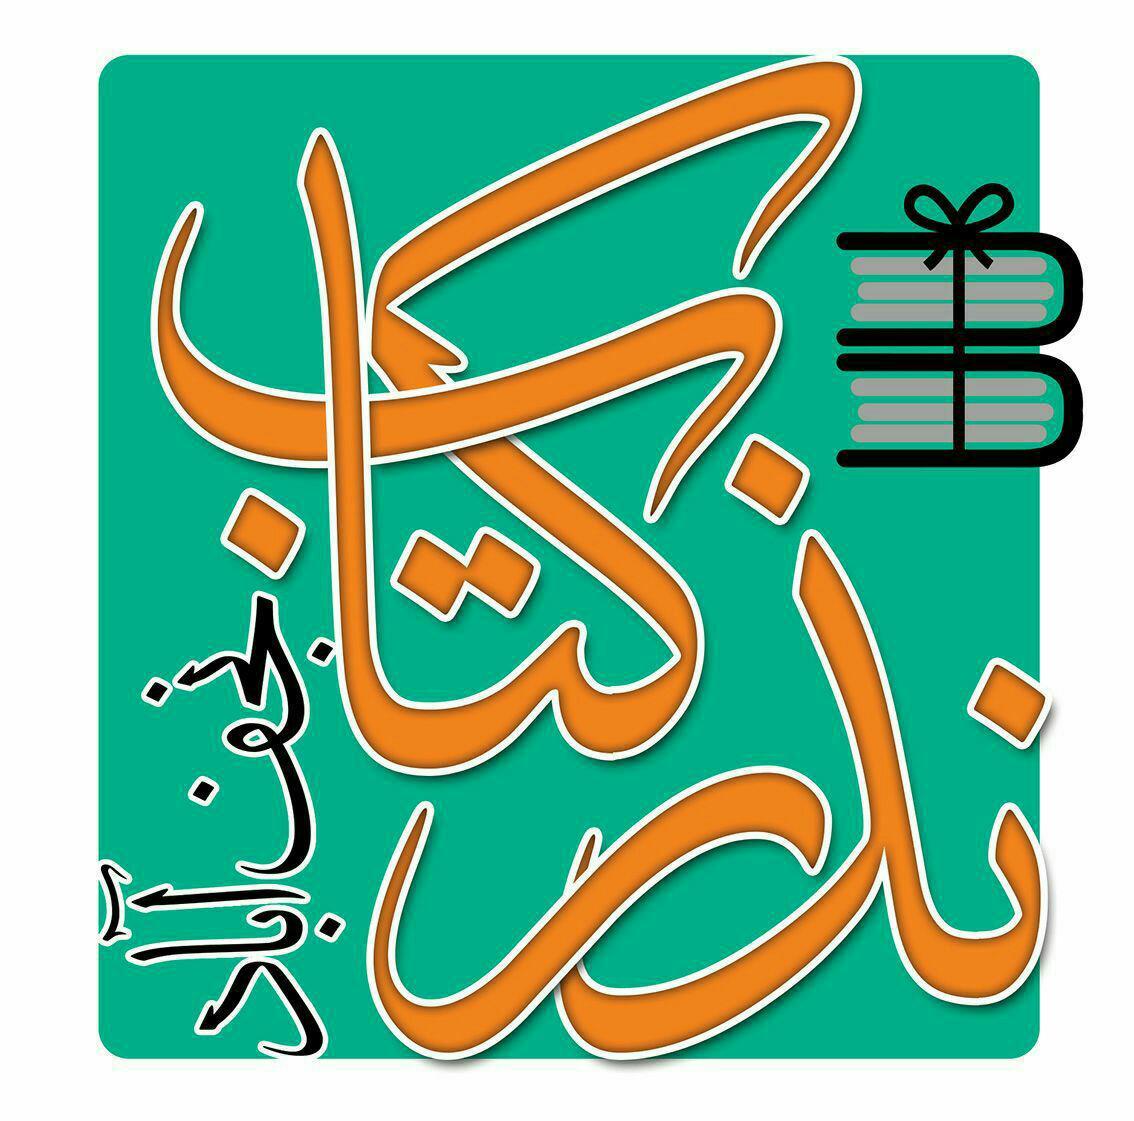 برگزاری سومین نذر کتاب توسط کتابخانه زهرائیه  برگزاری سومین نذر کتاب توسط کتابخانه زهرائیه